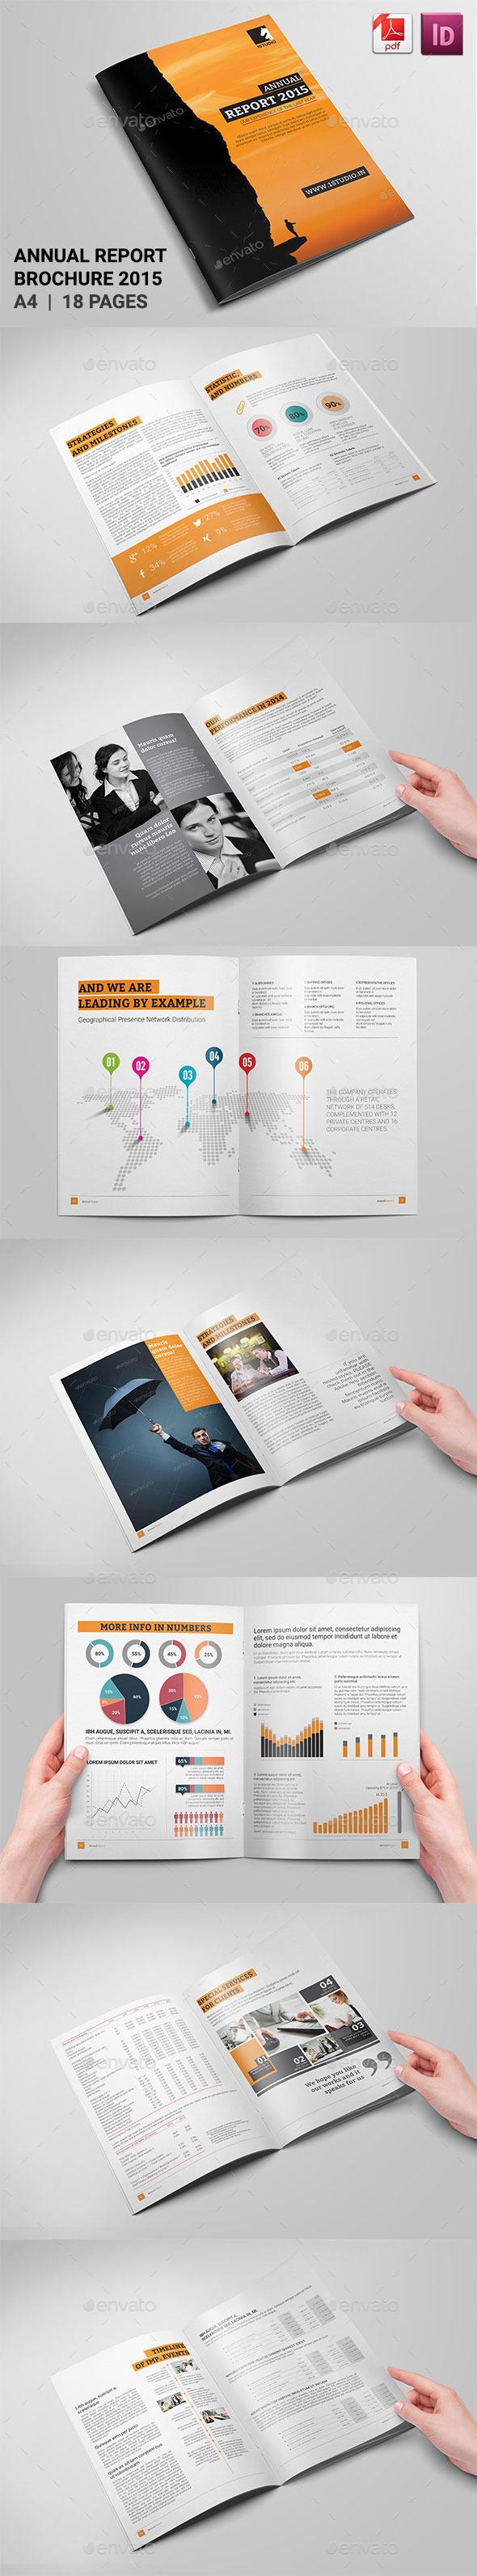 GraphicRiver Corporate Annual Report 10635212